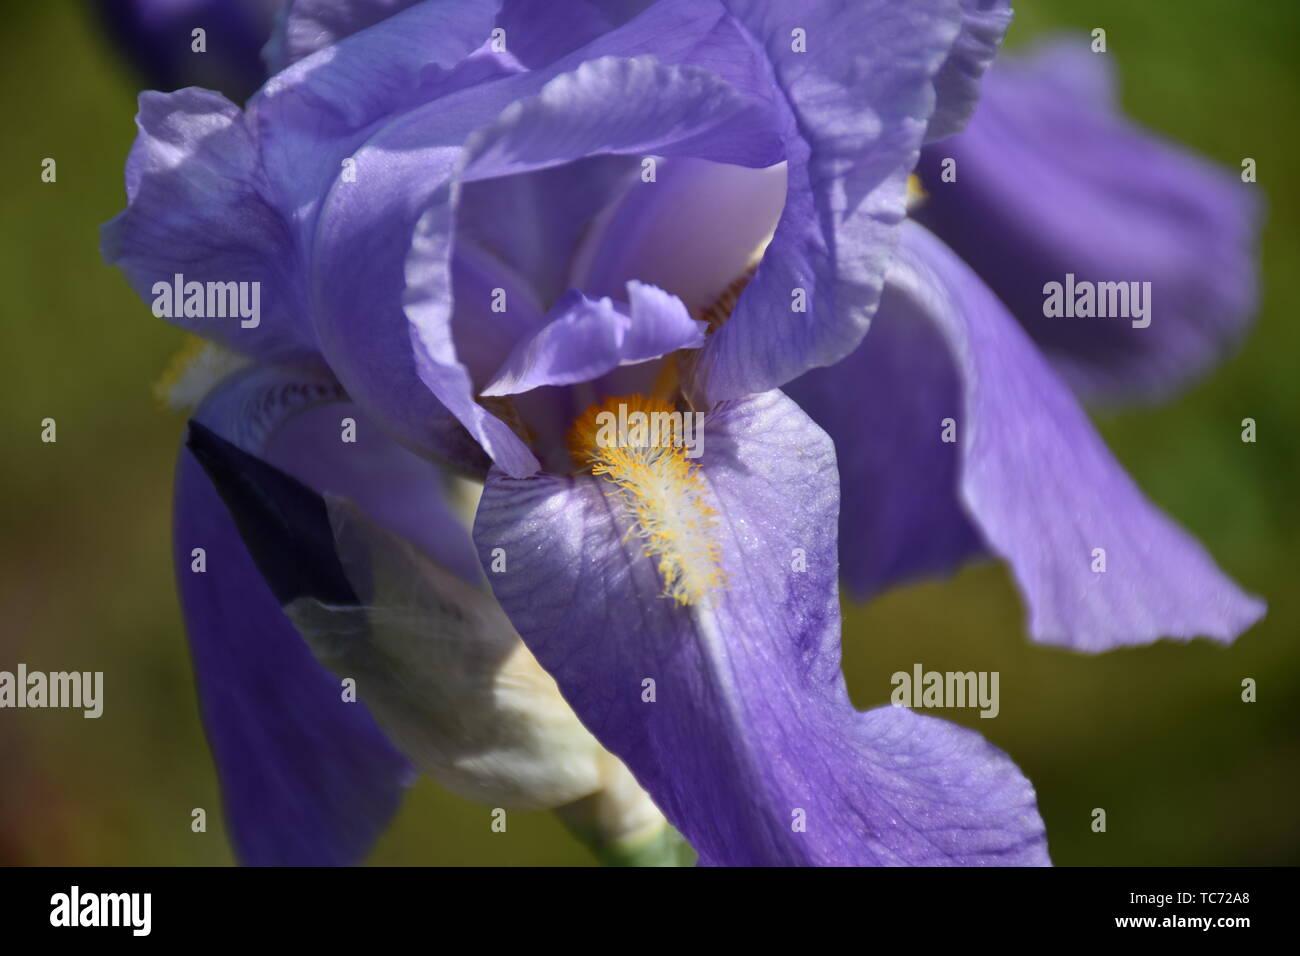 Schwertlilie, Orjen, Orjen-Schwertlilie, violett, Blume, Lilie, blühen, Sommer, Samen, Spargel, Spargelartige, Bedecktsamer, Blüte, Blütenstand, Veilc - Stock Image